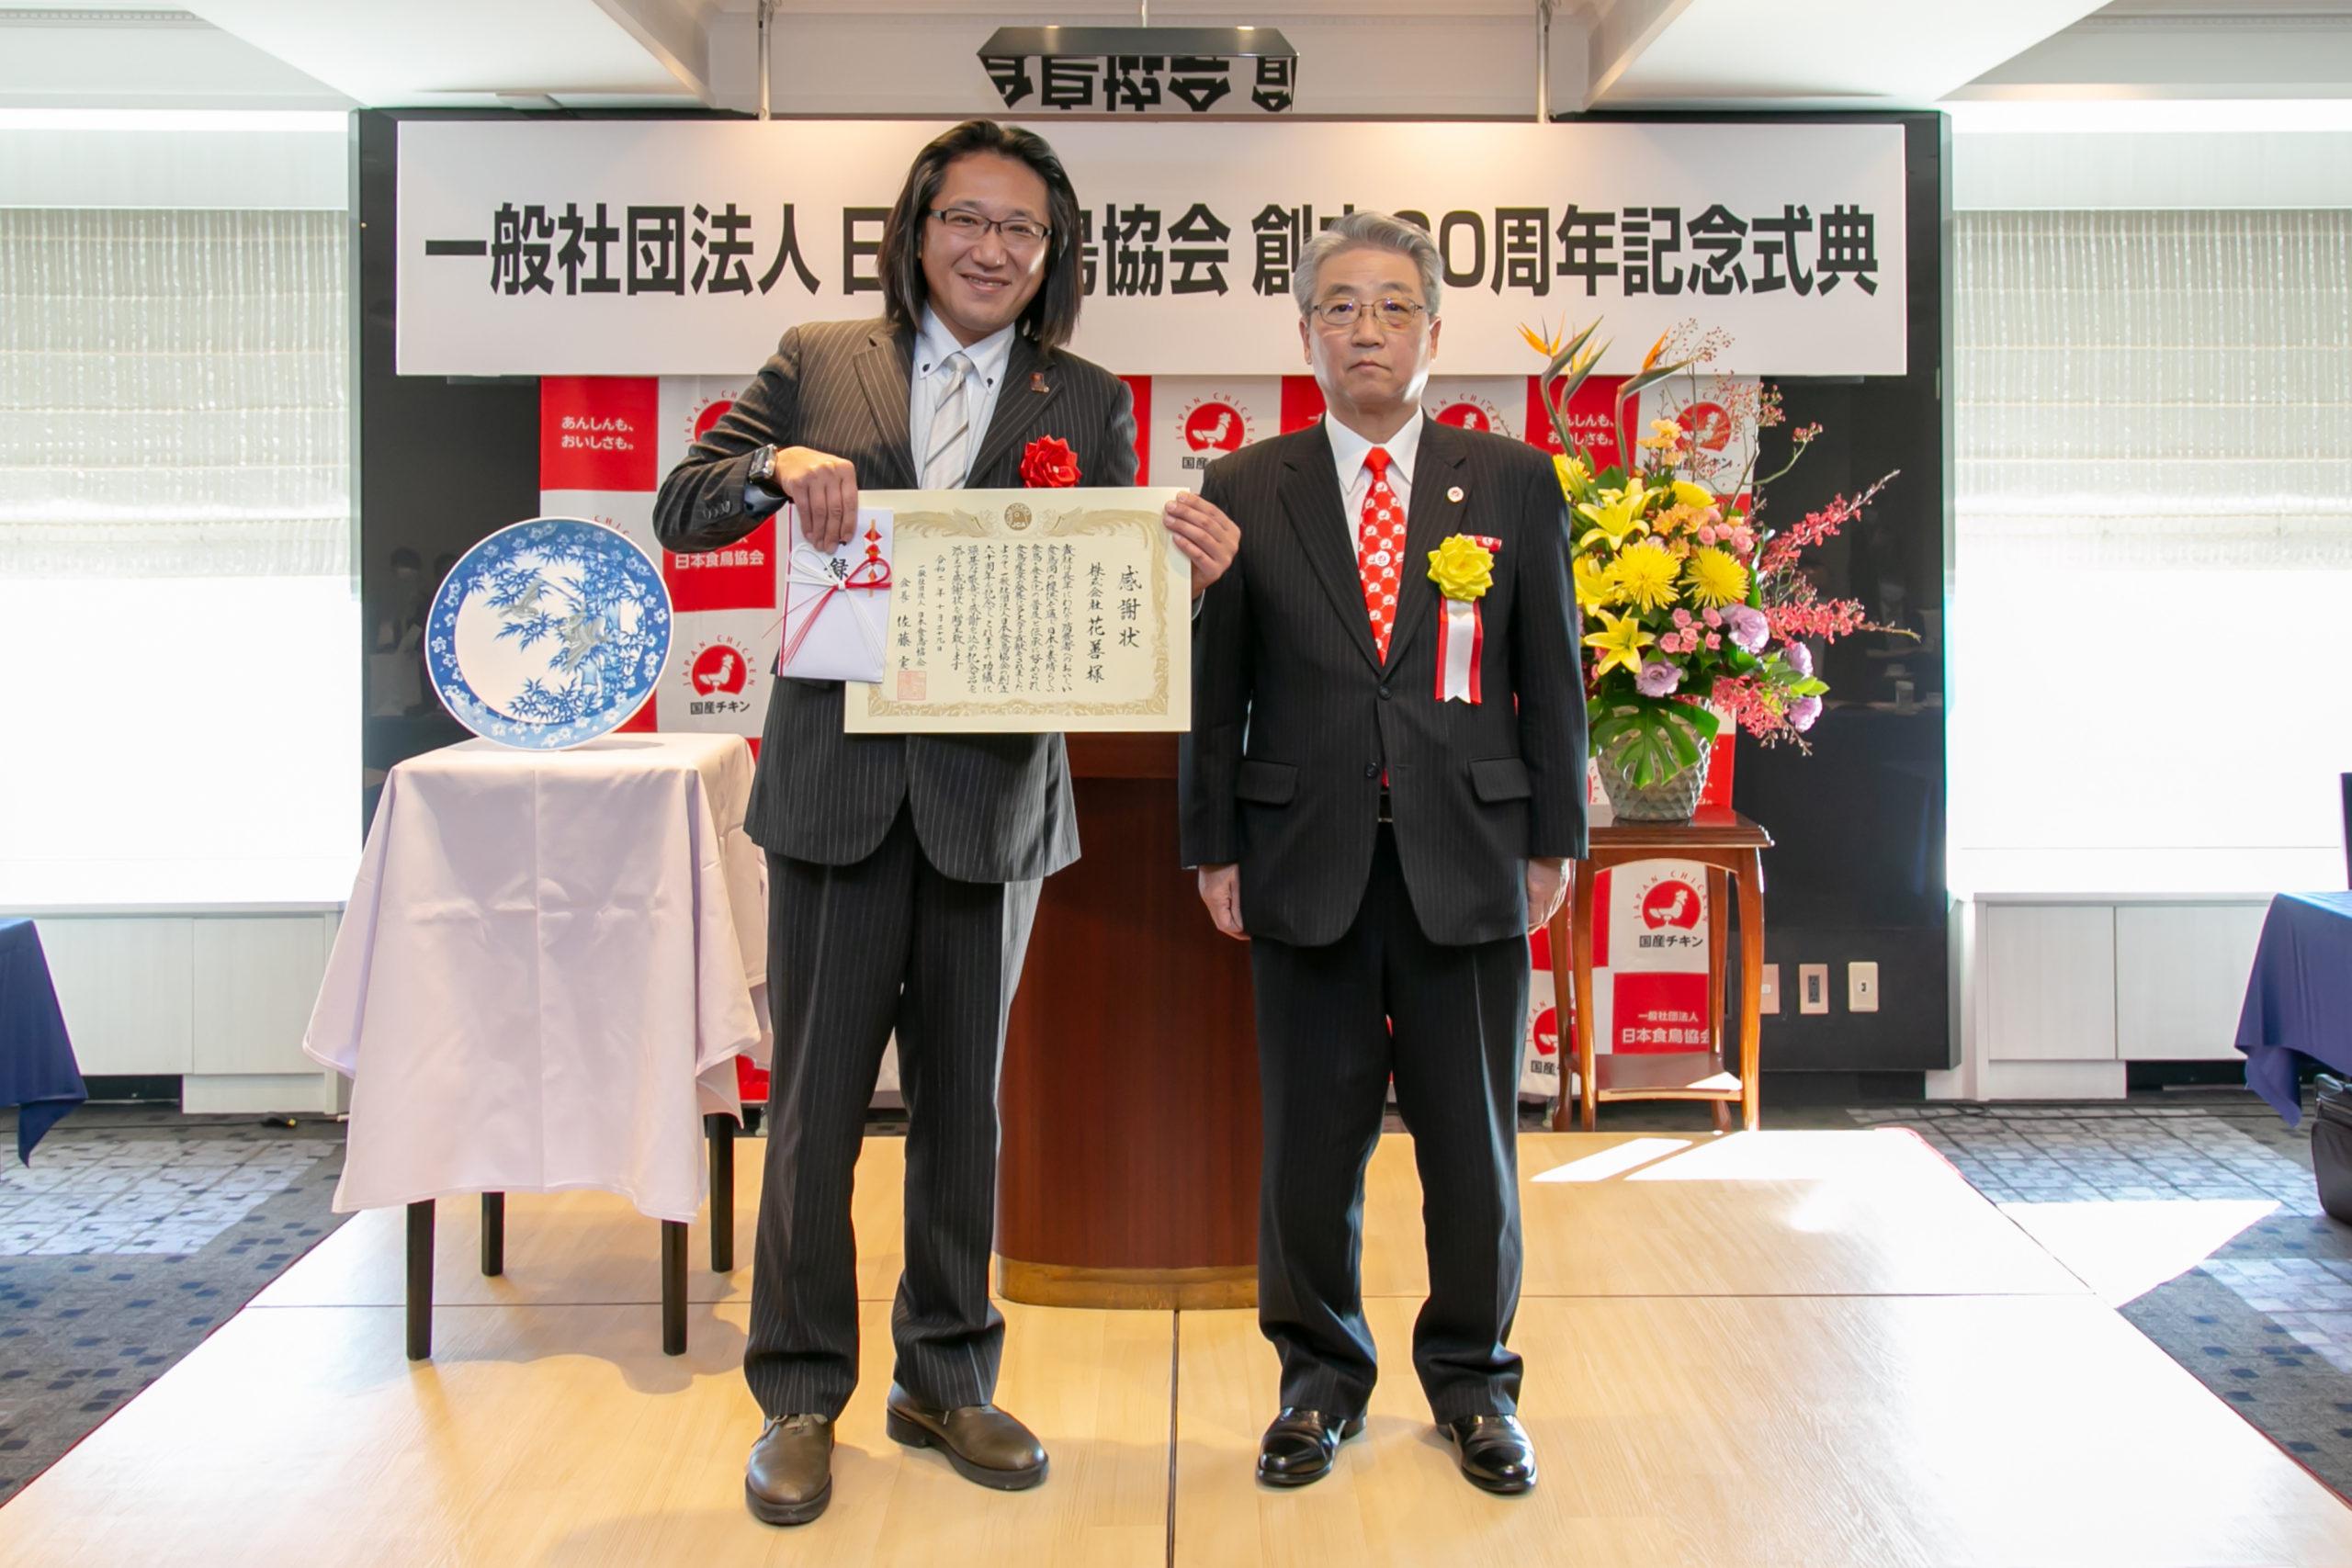 「日本食鳥協会」より表彰いただきました